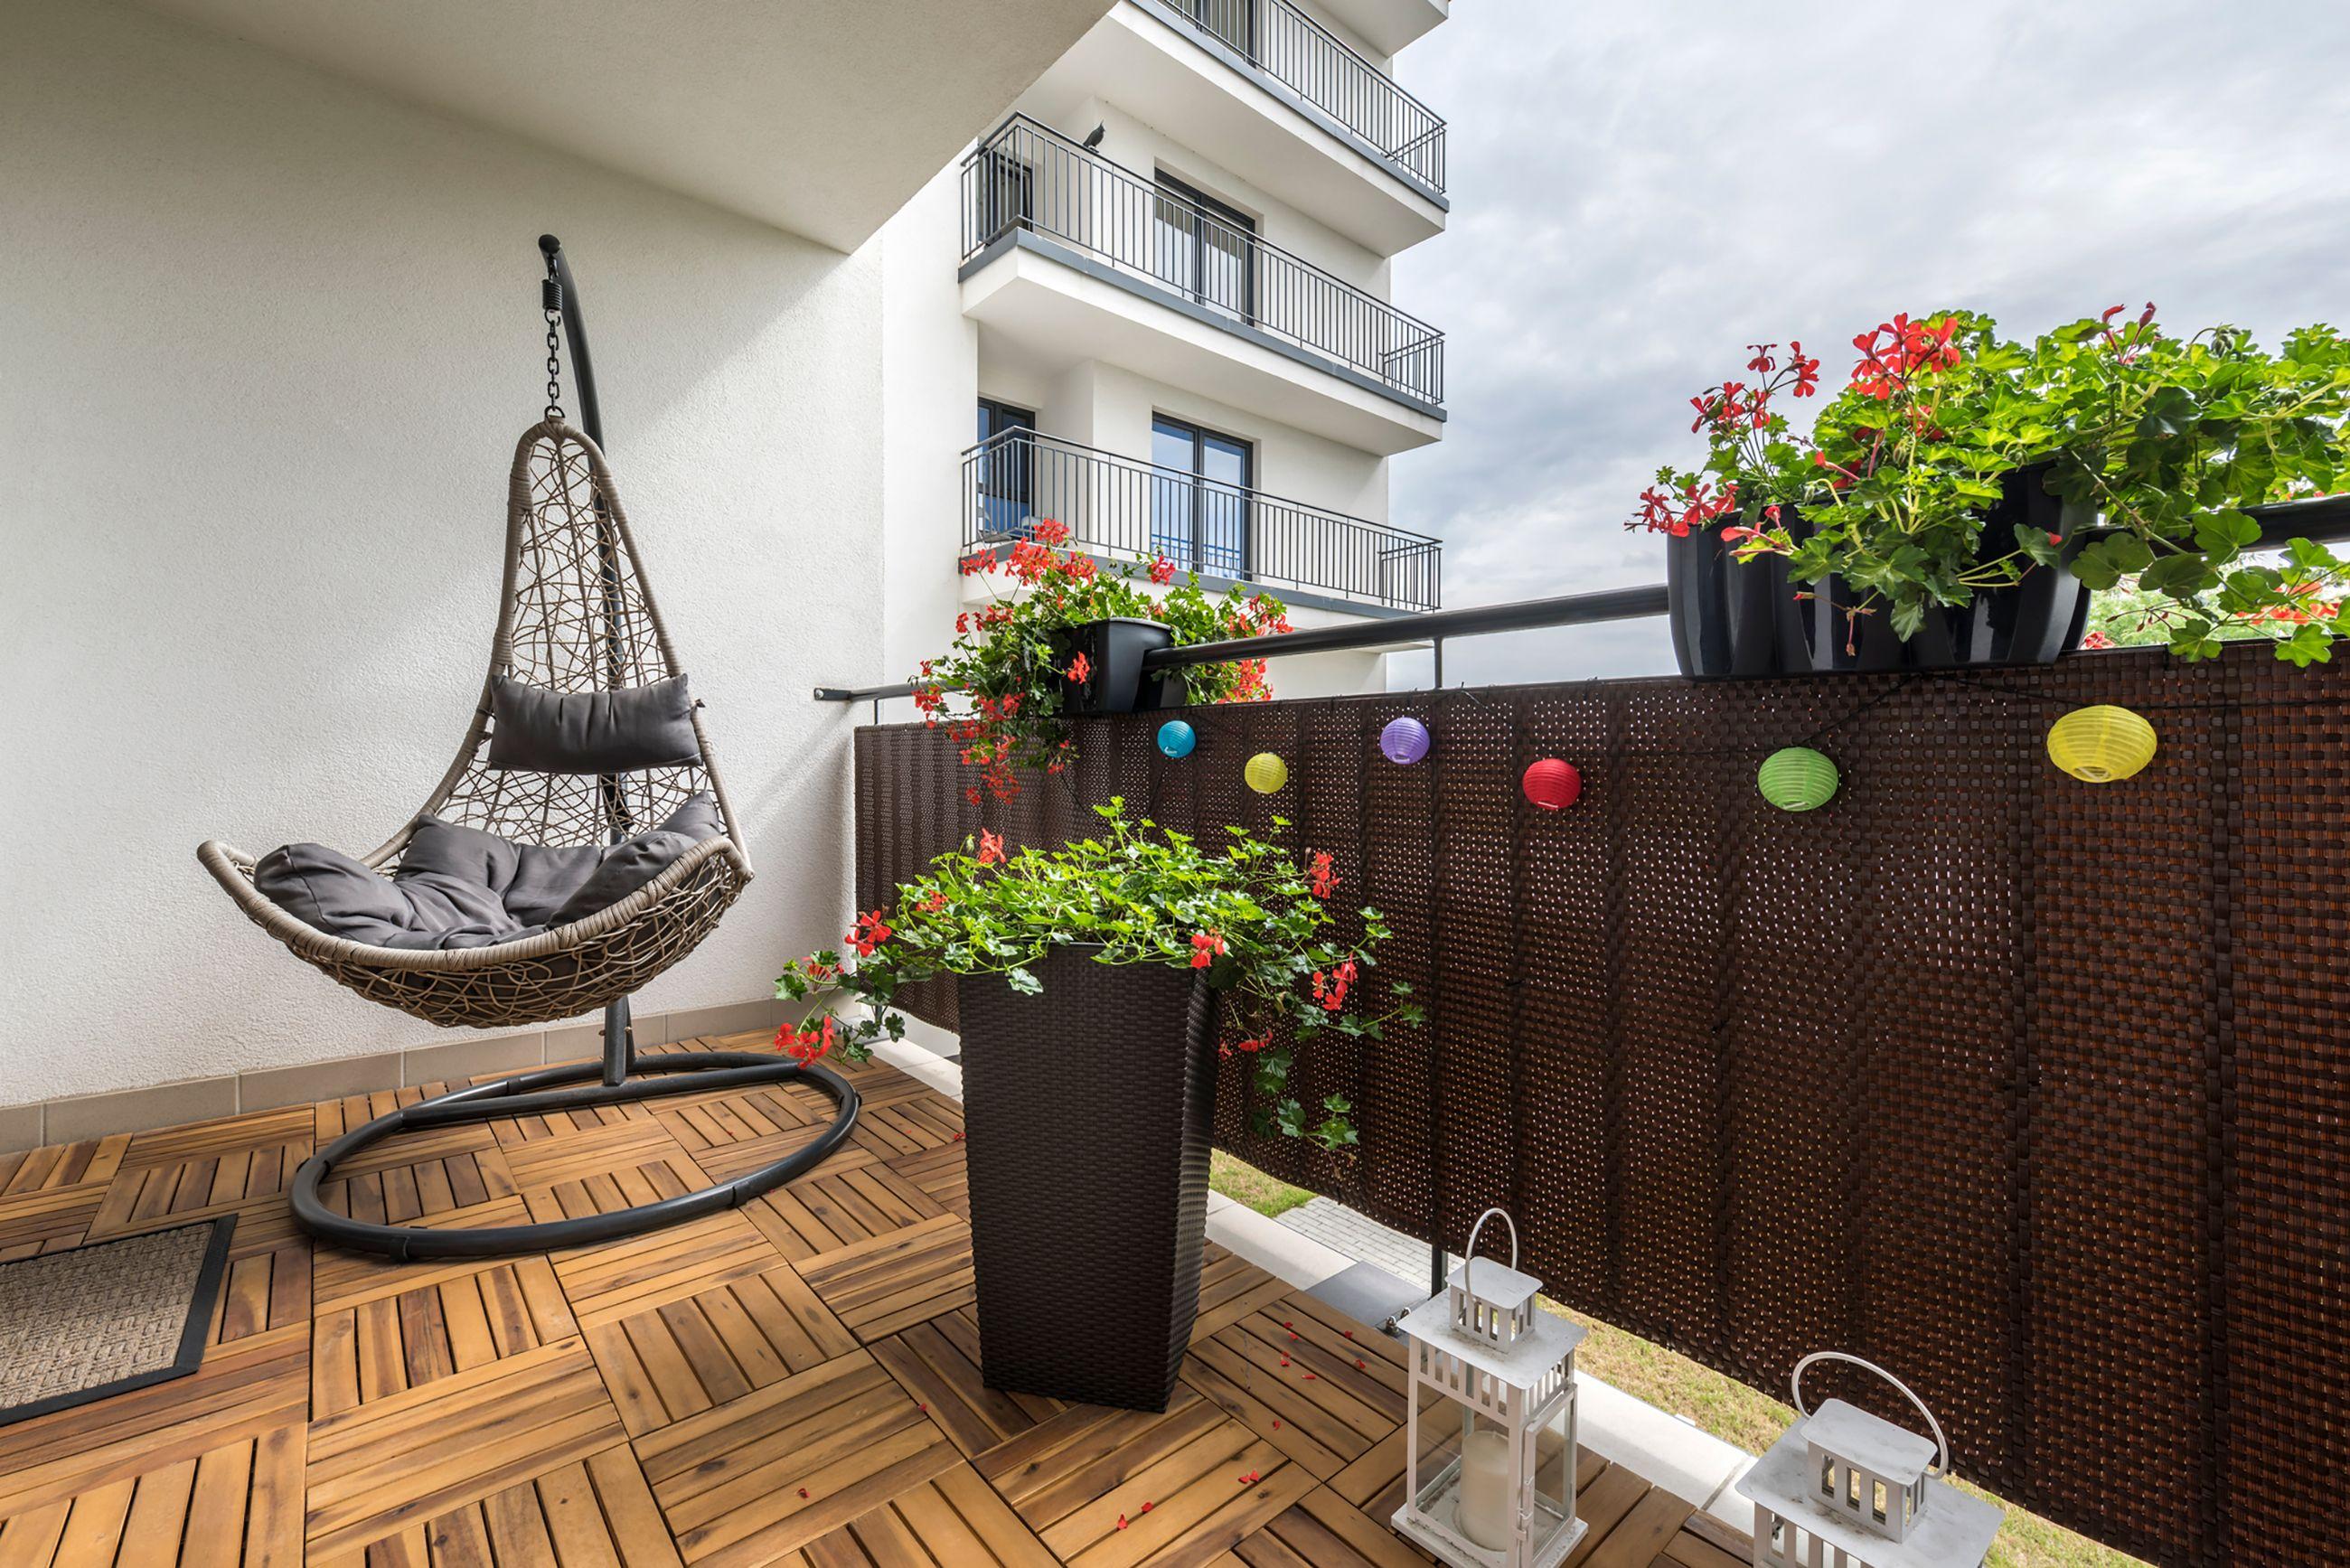 20 Creative Balcony Ideas - Balcony Decor Inspiration